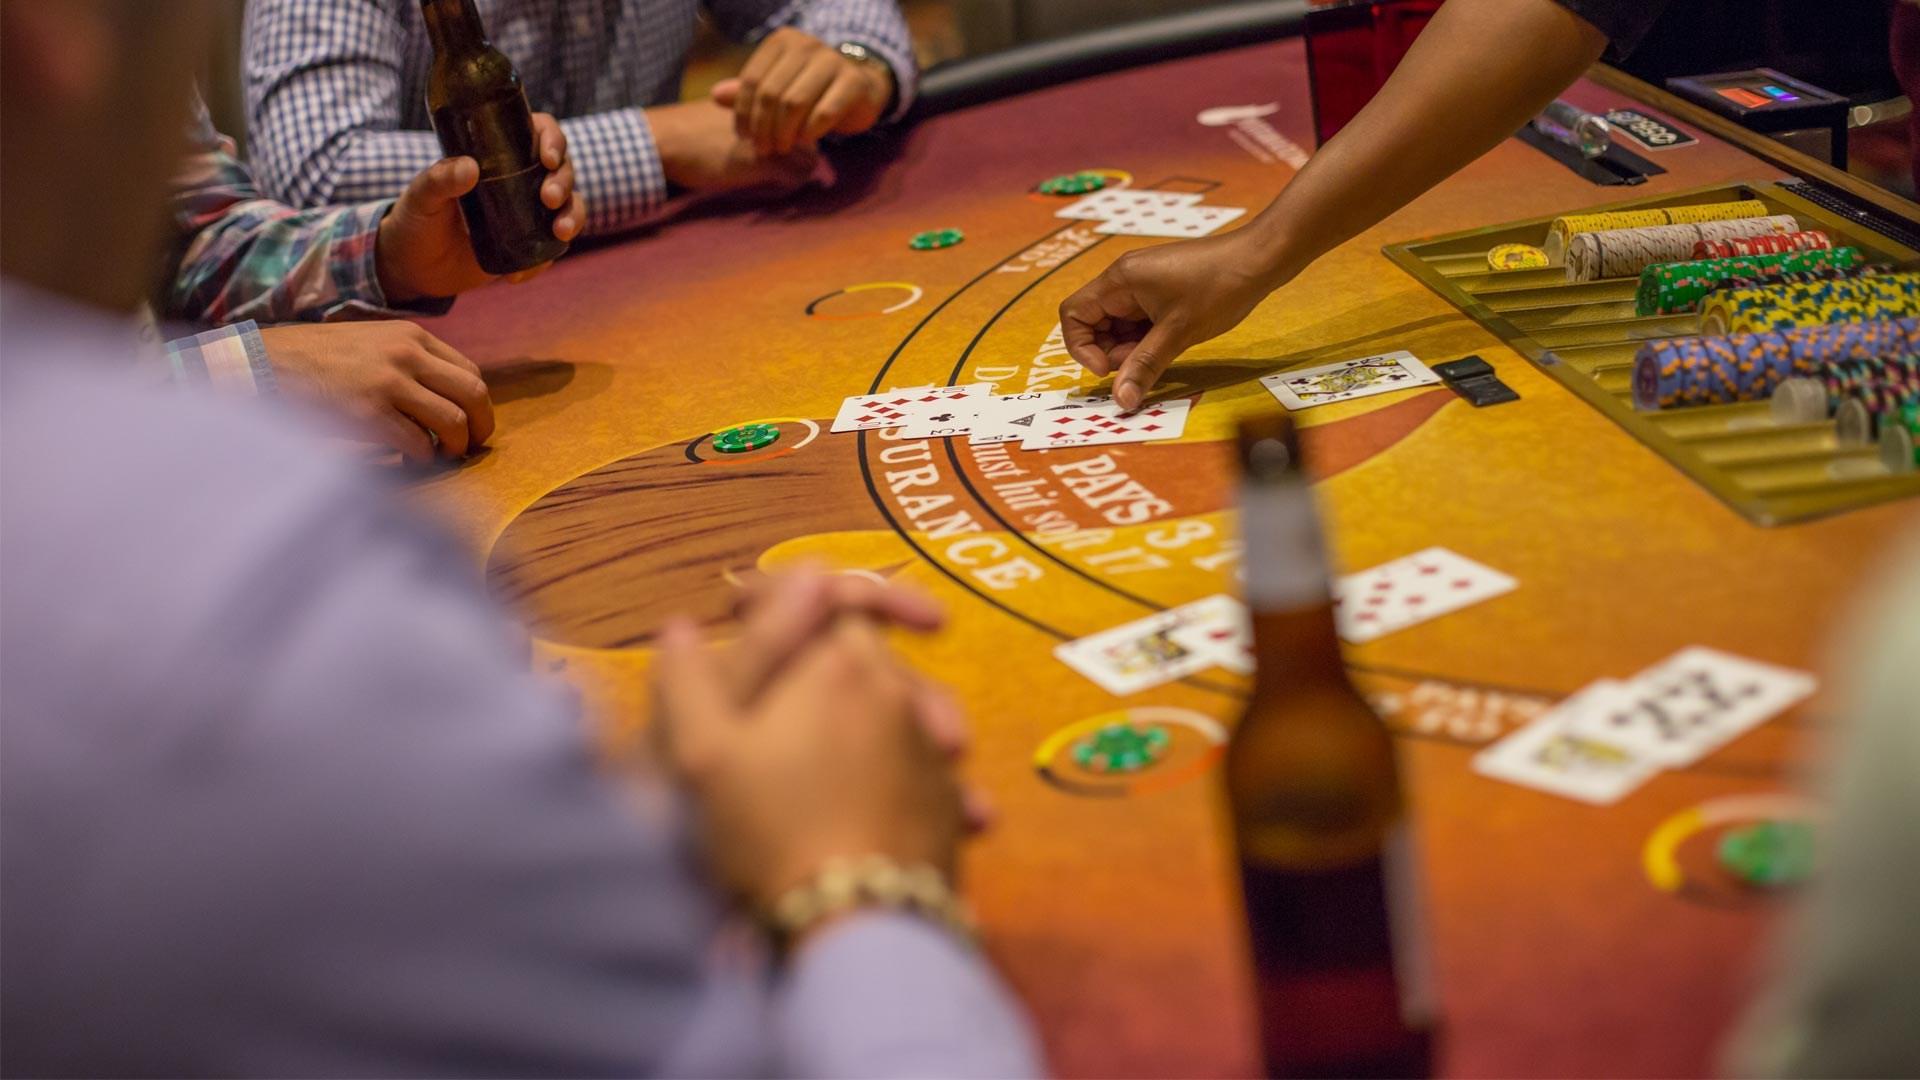 La velocità di evoluzione del mercato del gambling online